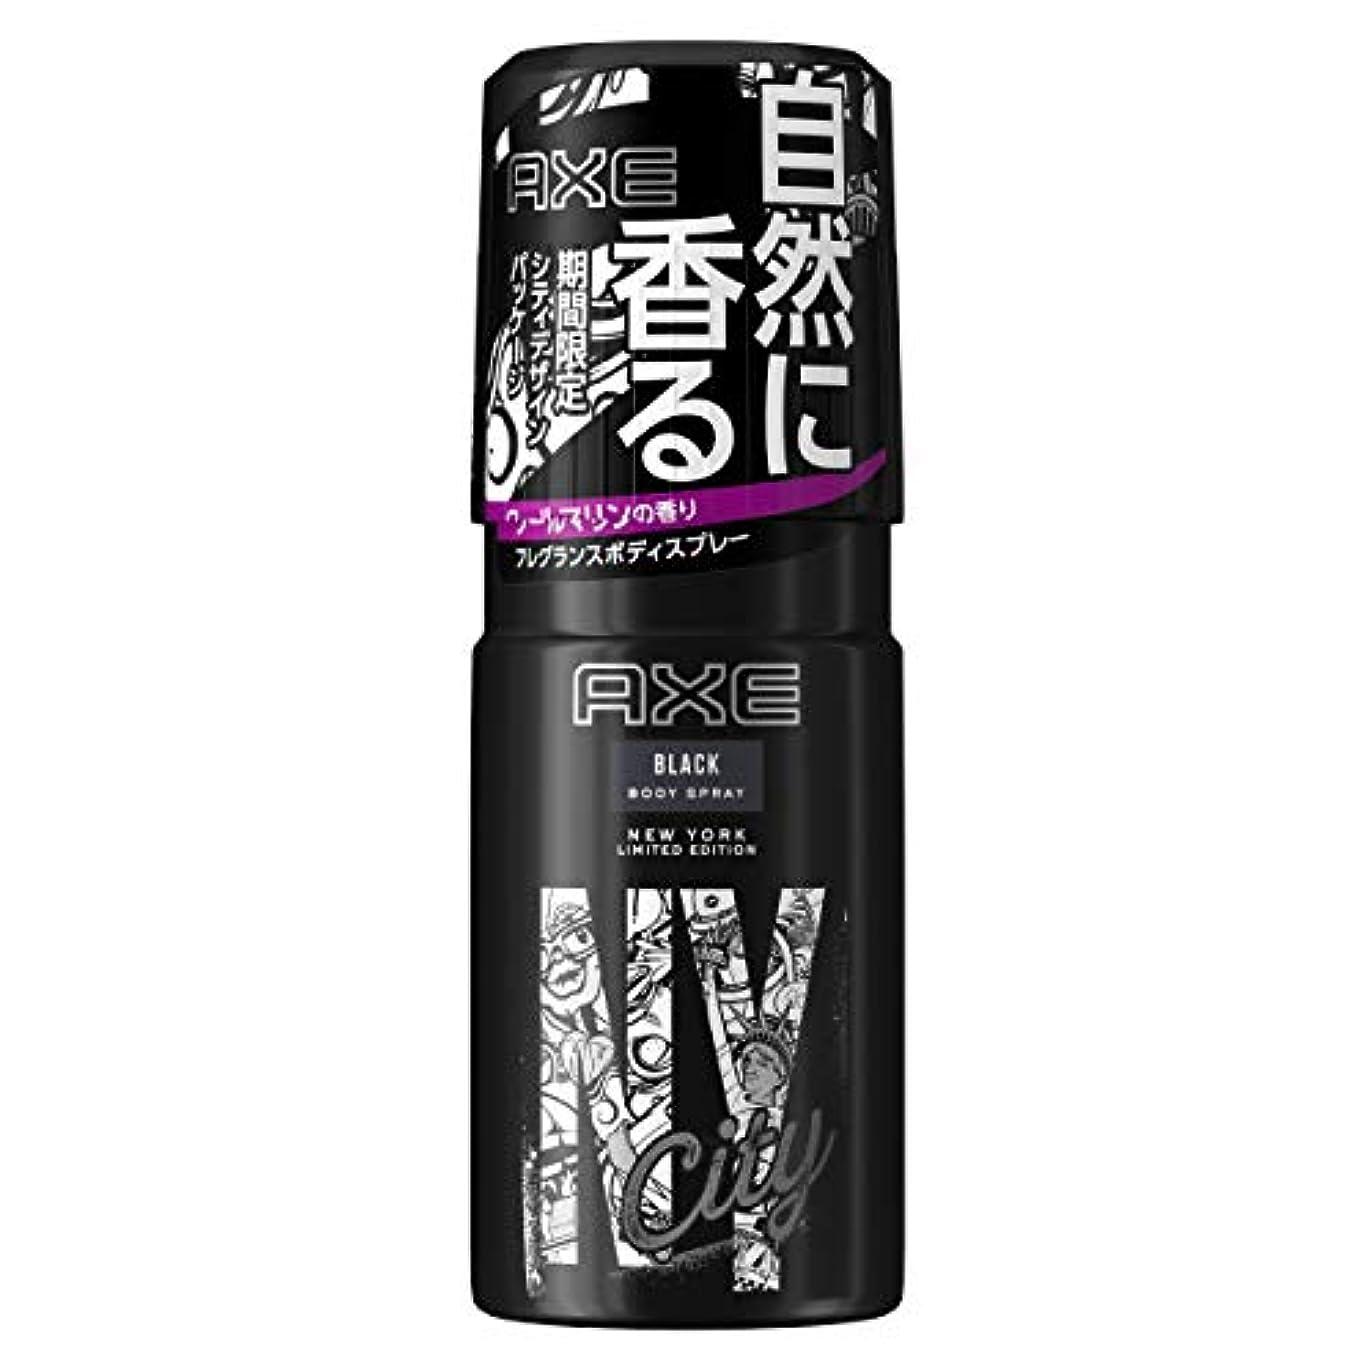 意図カロリー局アックス フレグランス ボディスプレー ブラック 60g (クールマリンのさりげない香り)